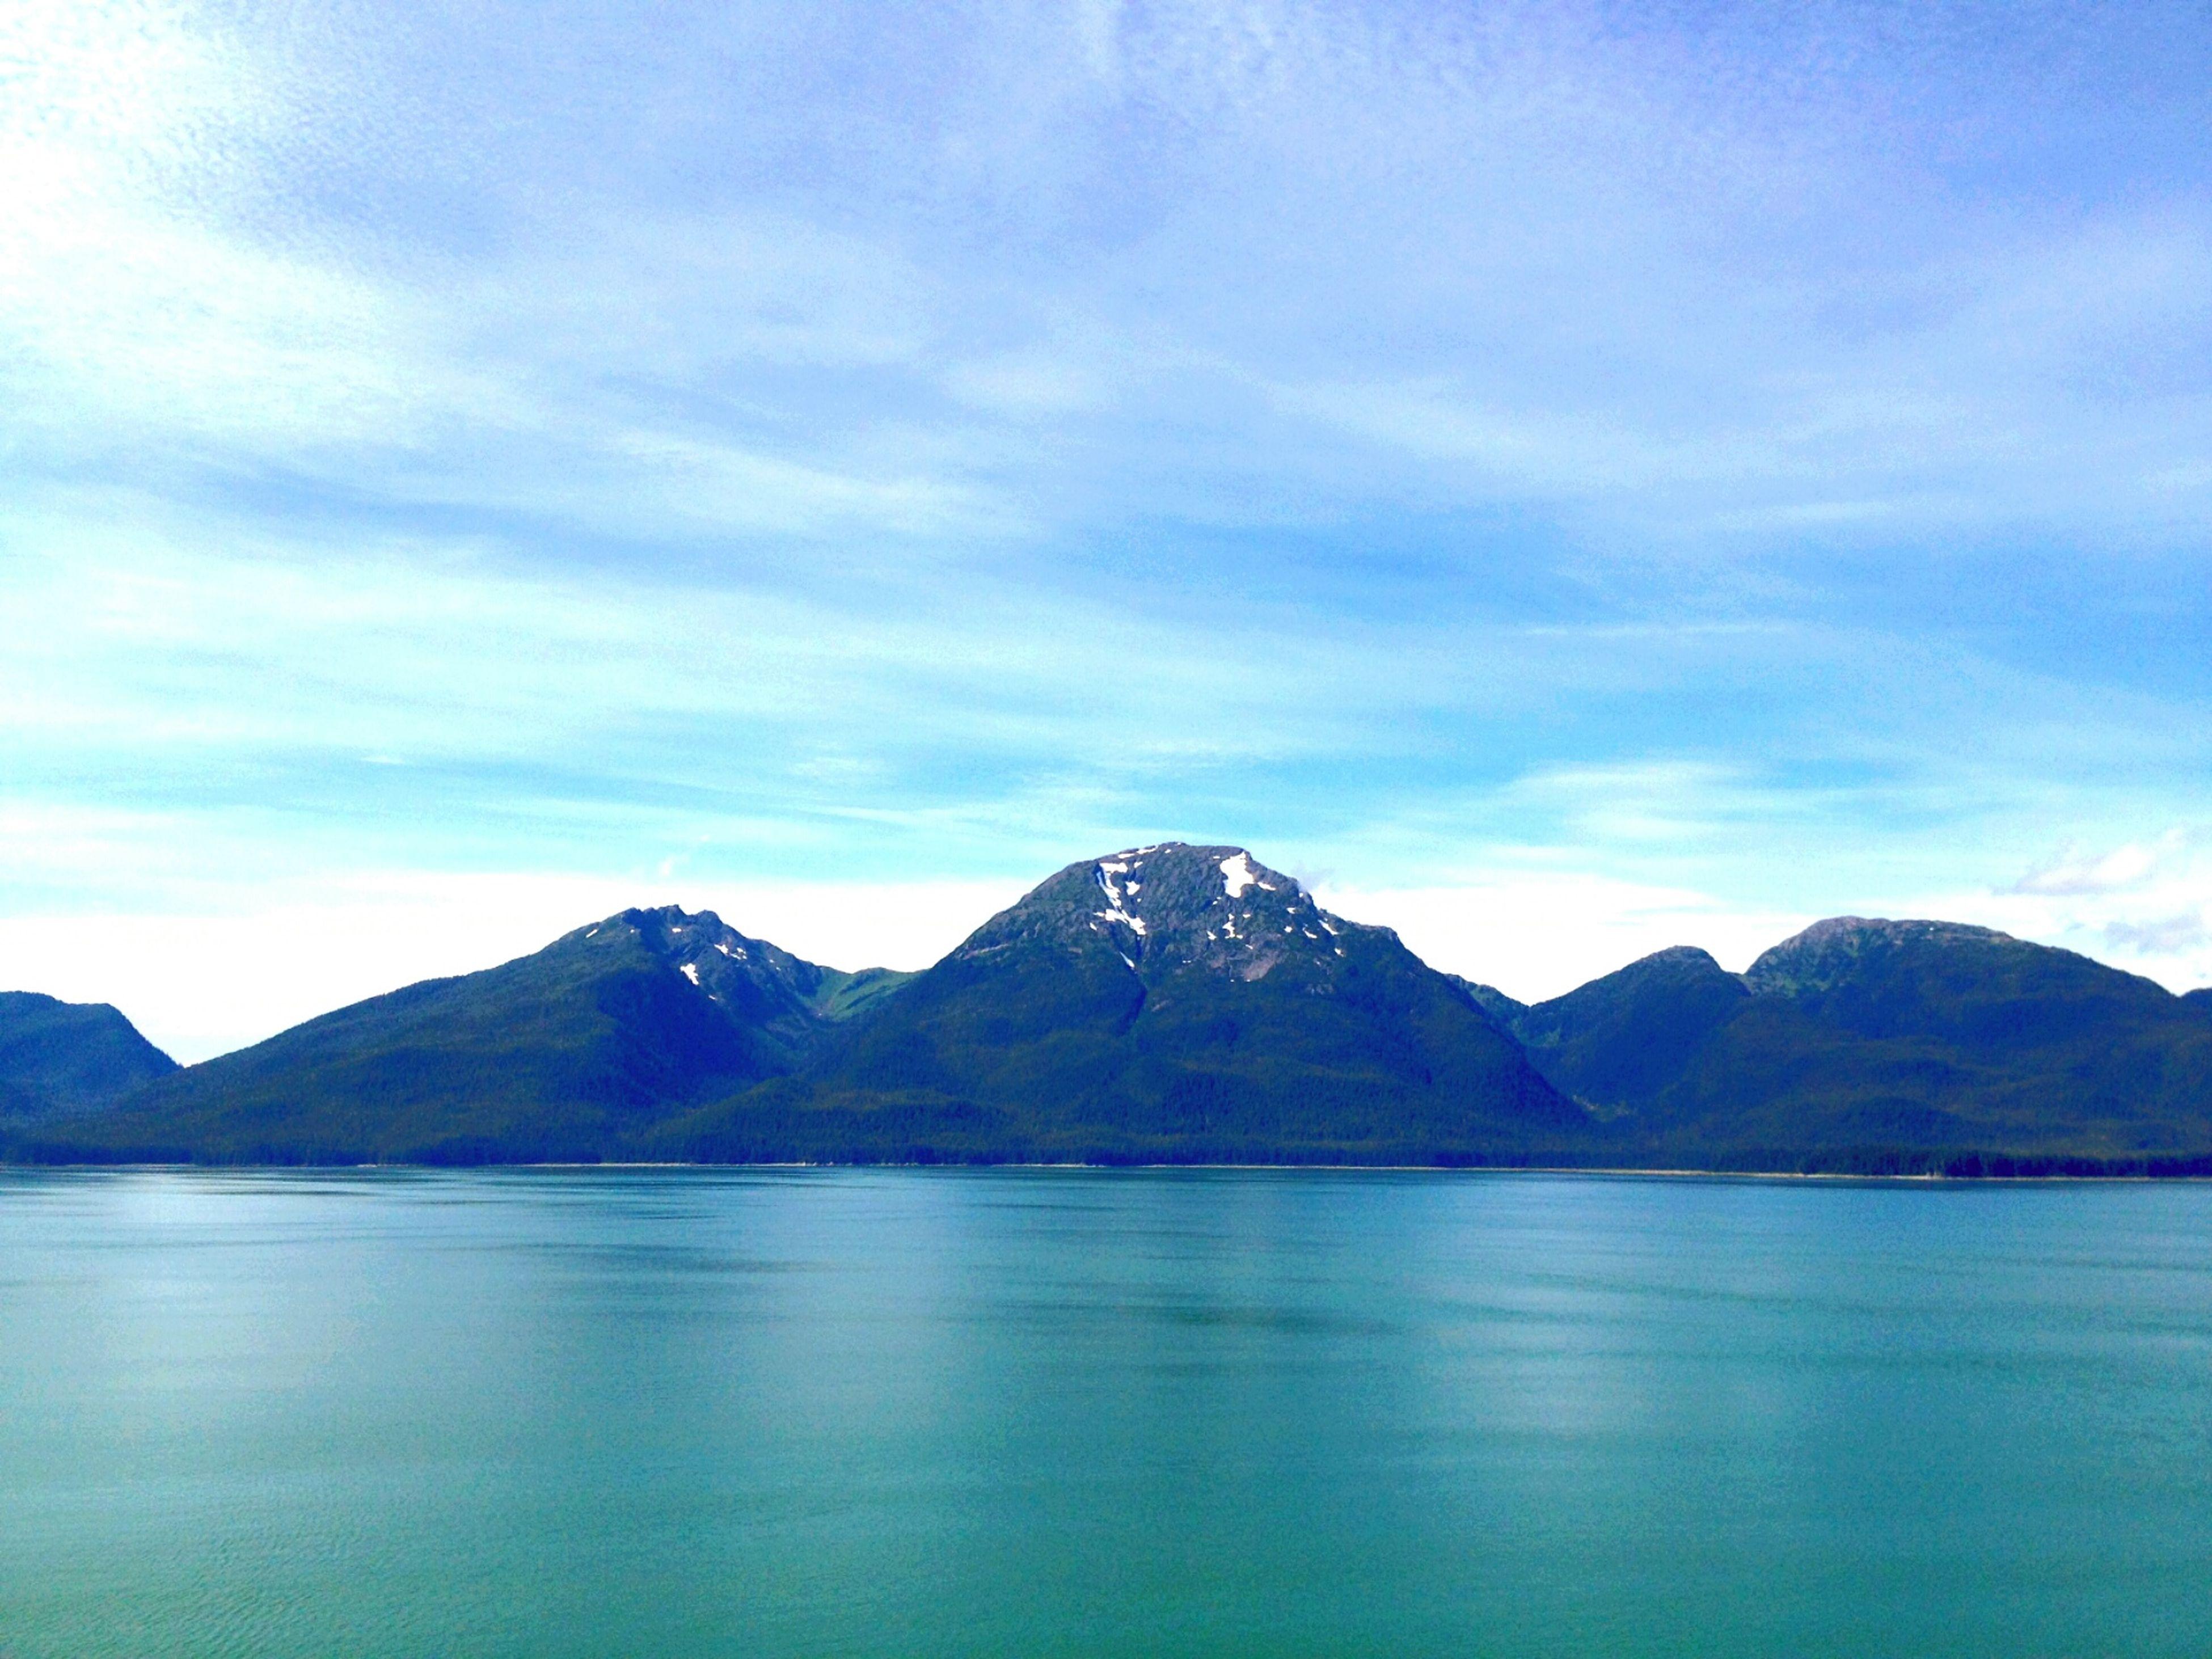 Alaska Ocean Mountains Travel Explore Adventure Water Stayandwander OpenEdit TheWeekOnEyeEM